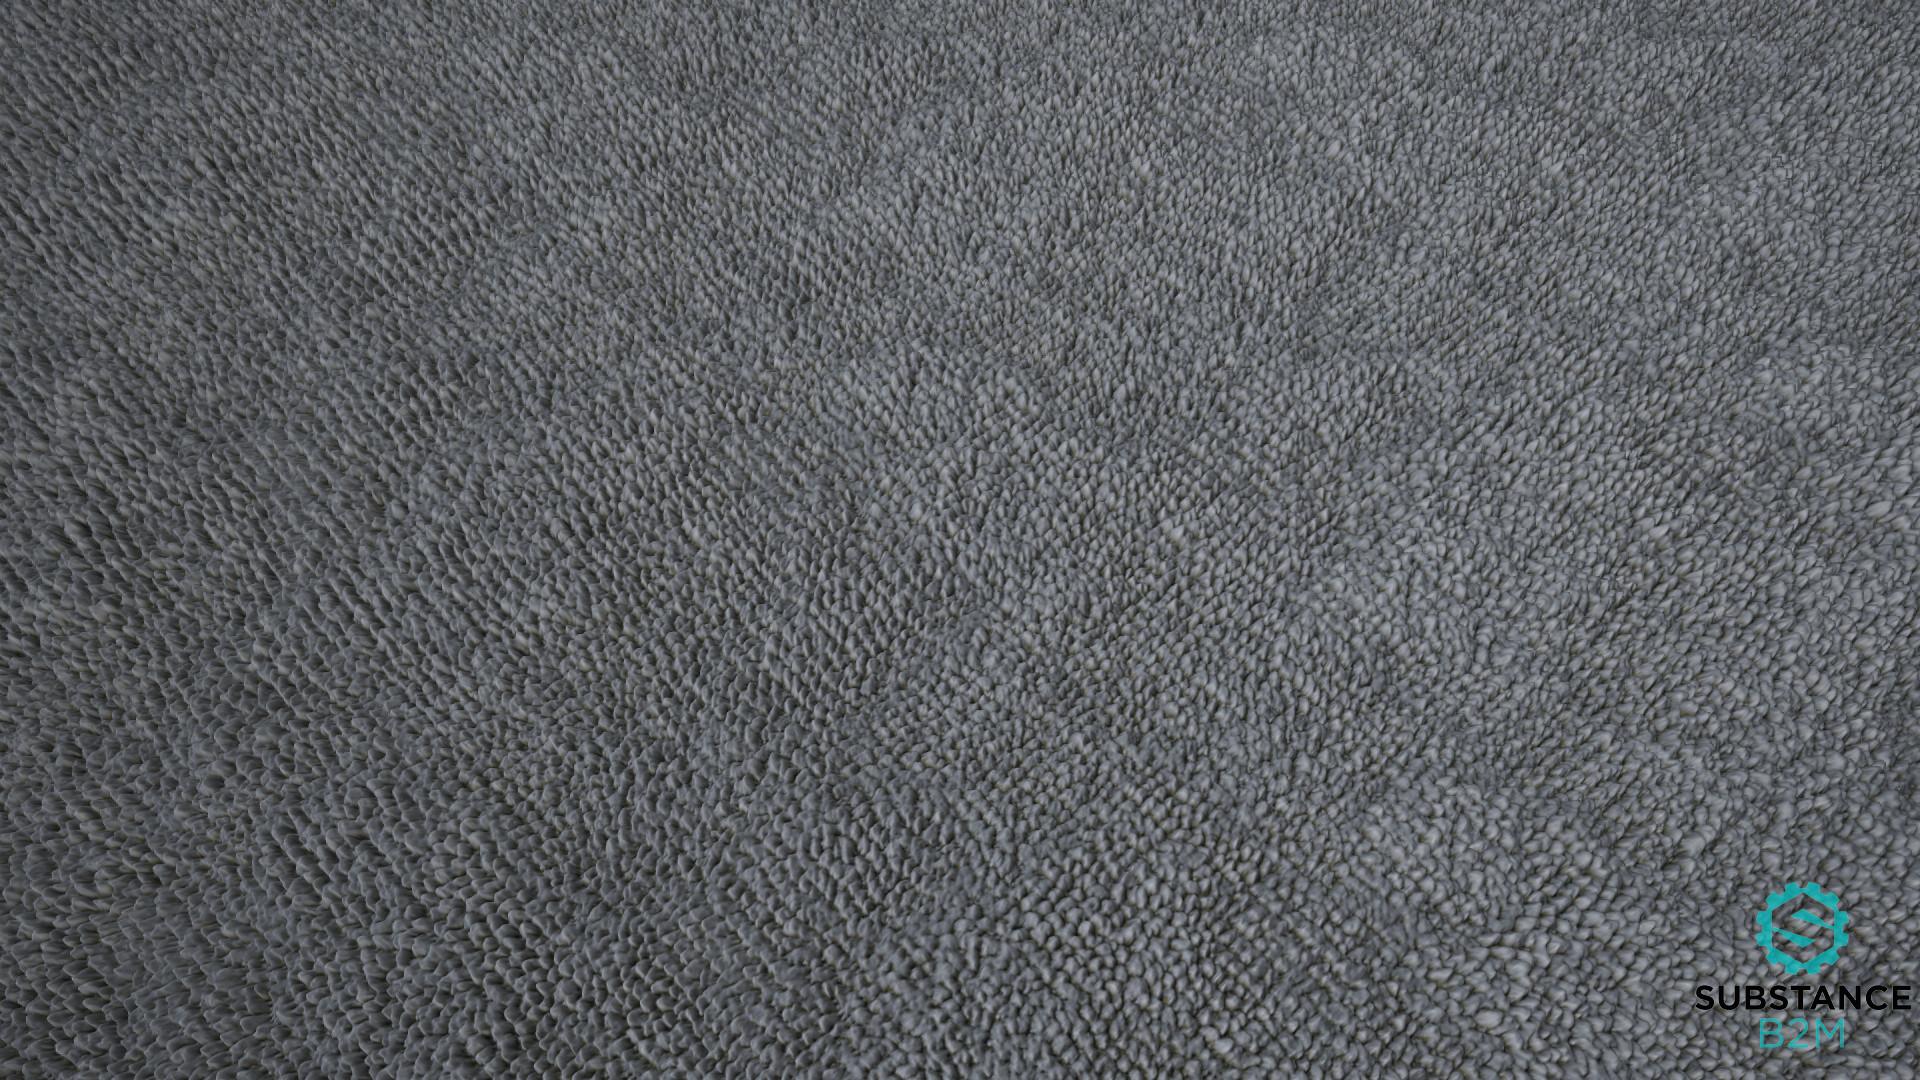 Christoffer sjostrom towelflat